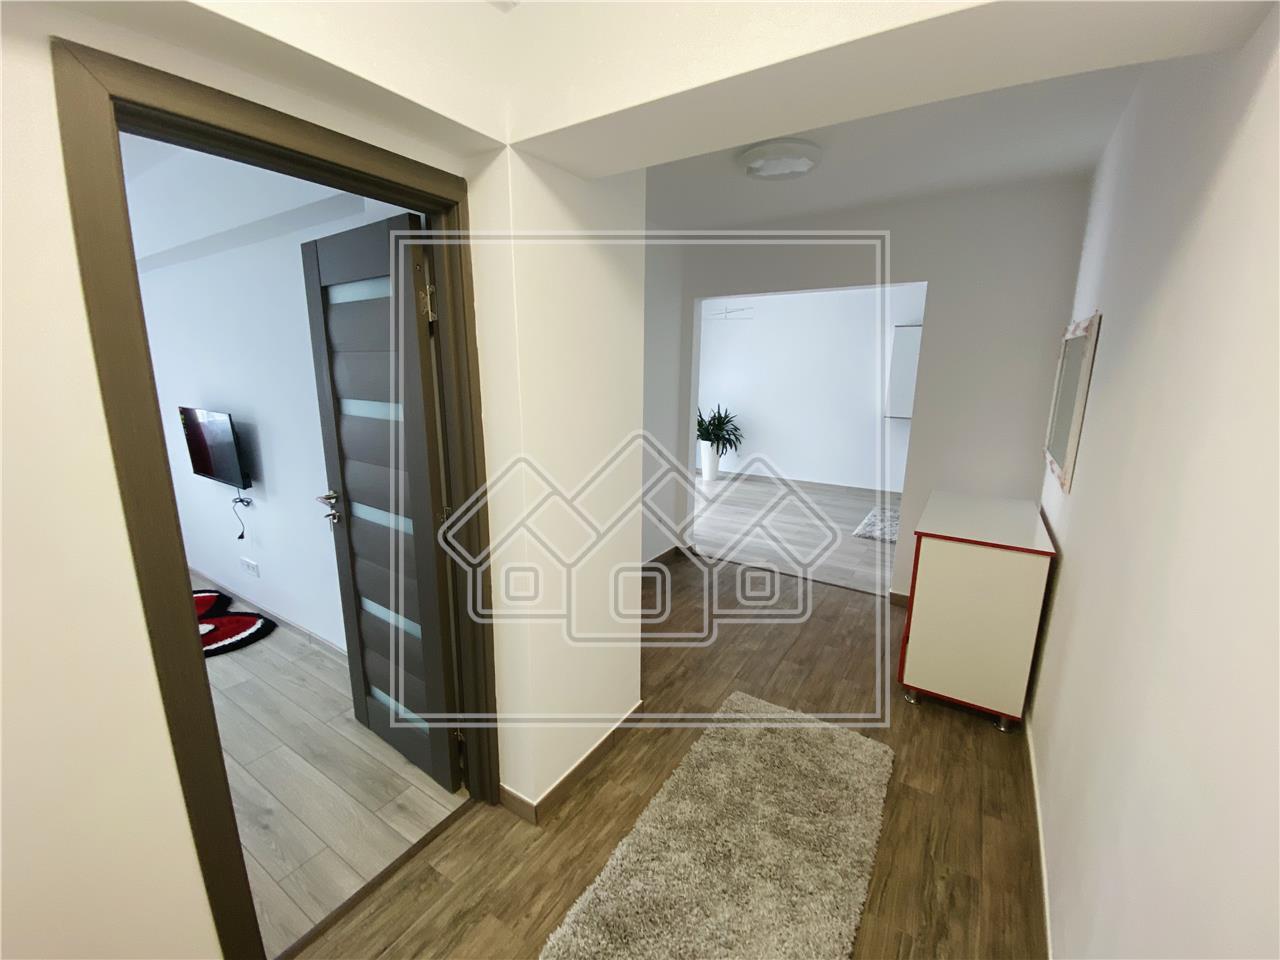 Apartament de inchiriat la Sibiu - 2 camere decomandate - terasa mare